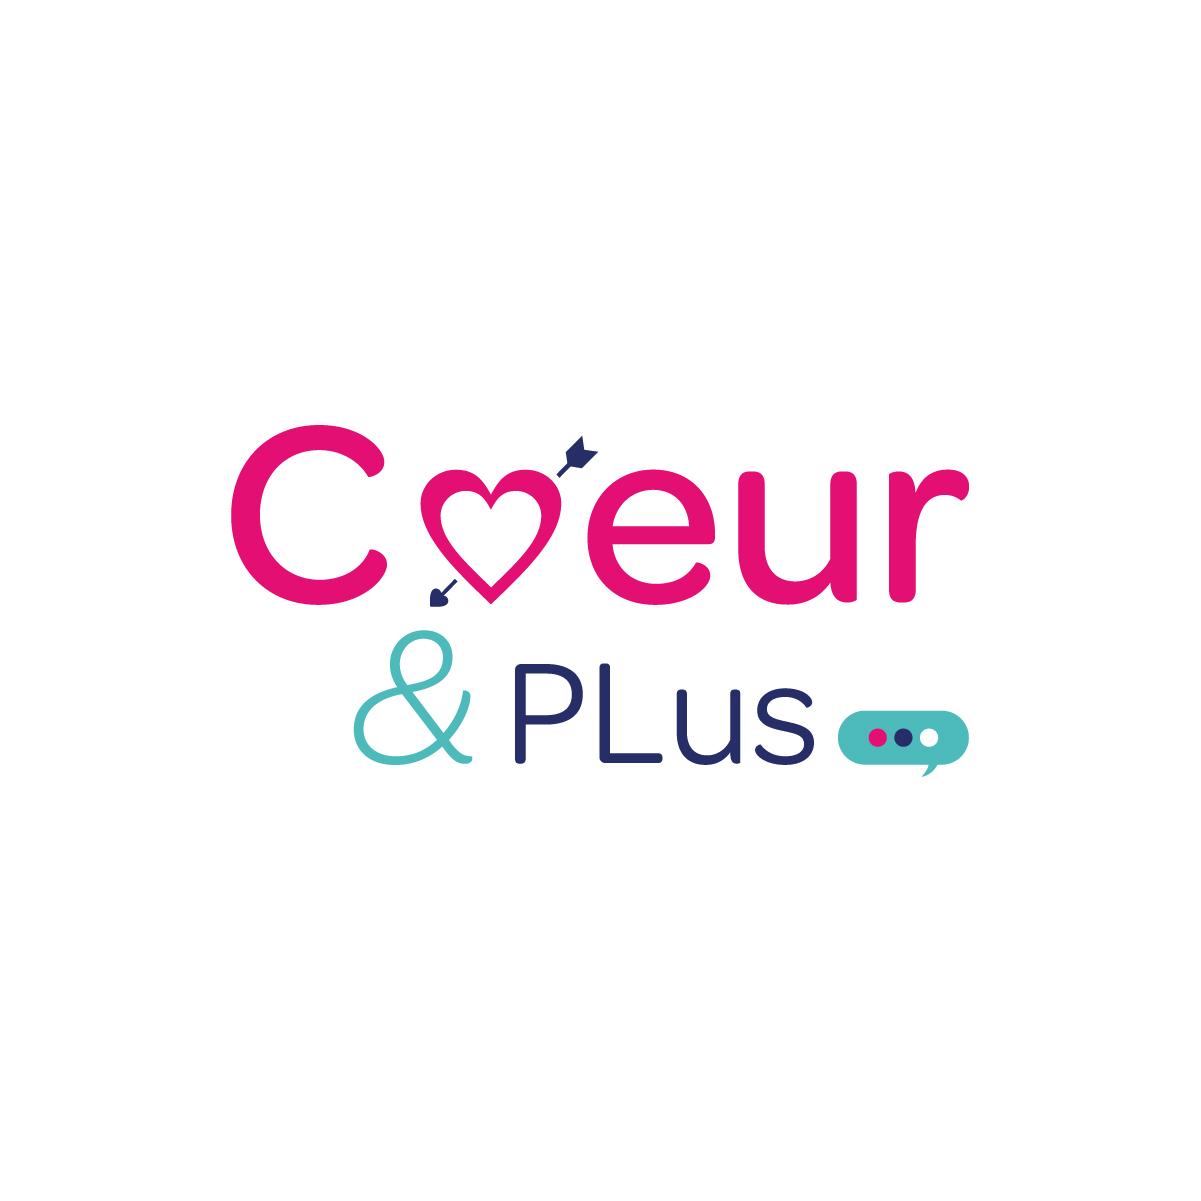 Coeur & Plus